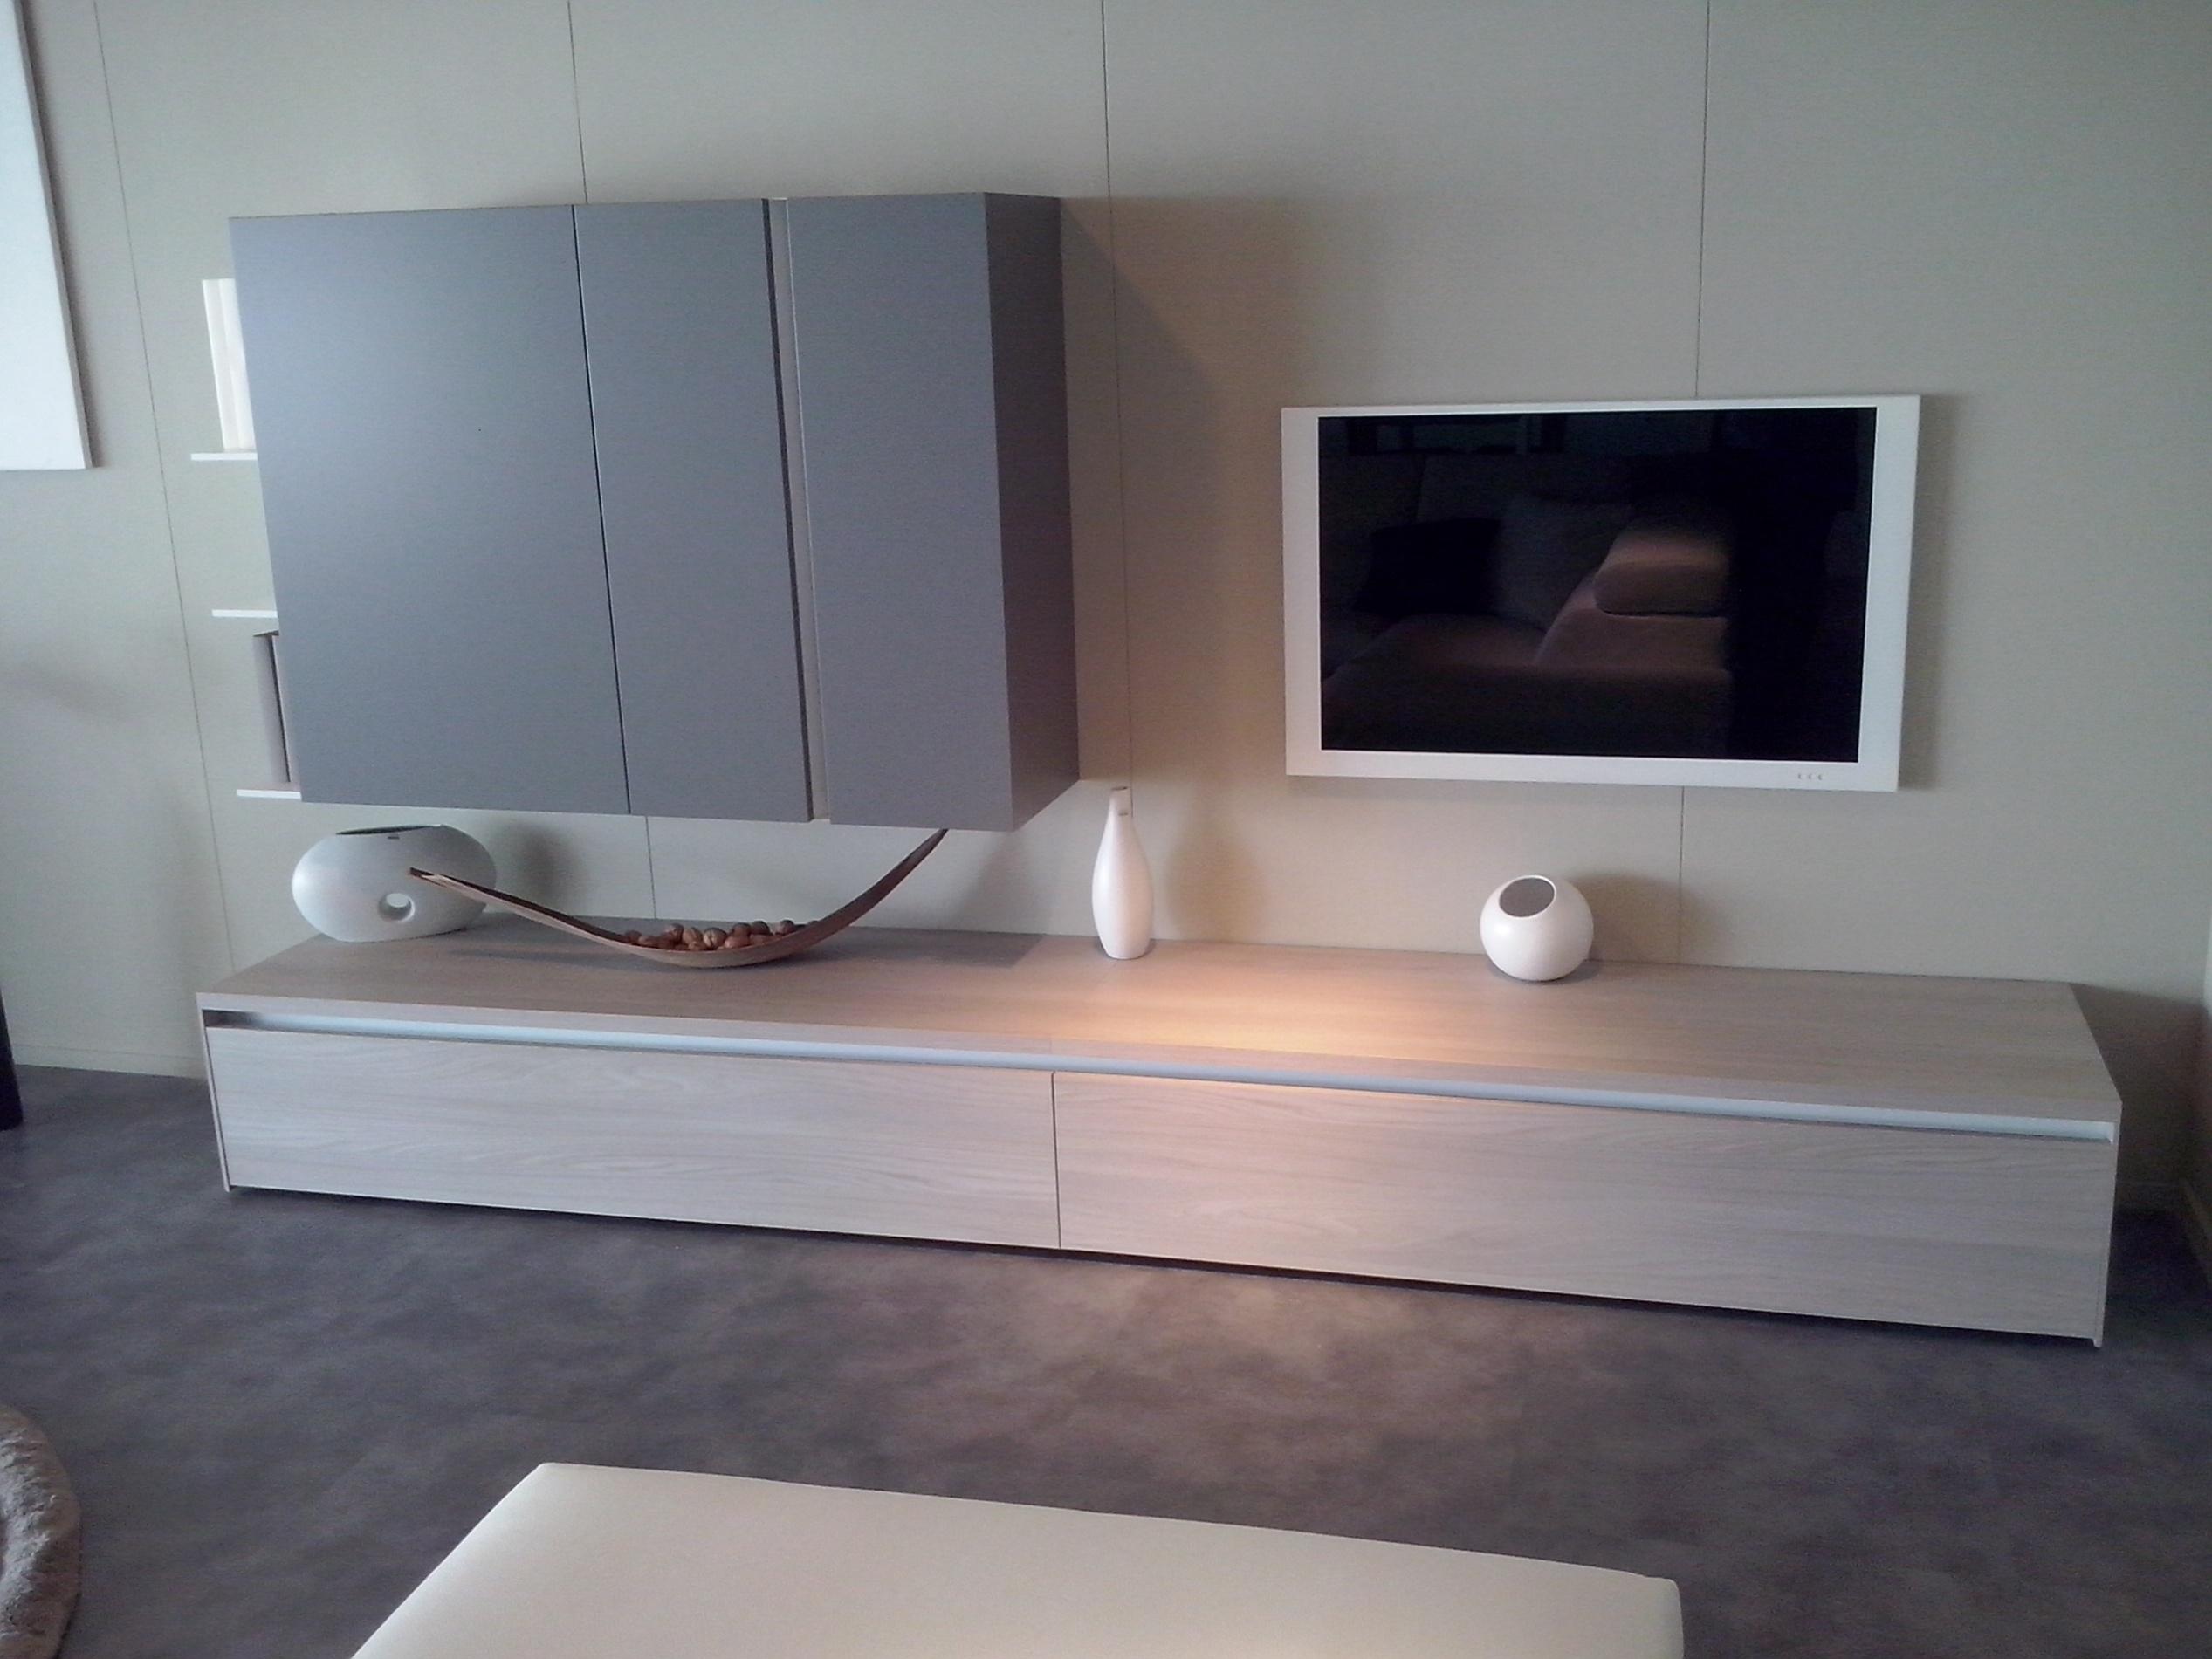 soggiorno novamobili soggiorno novamobili con gola soggiorni a prezzi scontati. Black Bedroom Furniture Sets. Home Design Ideas